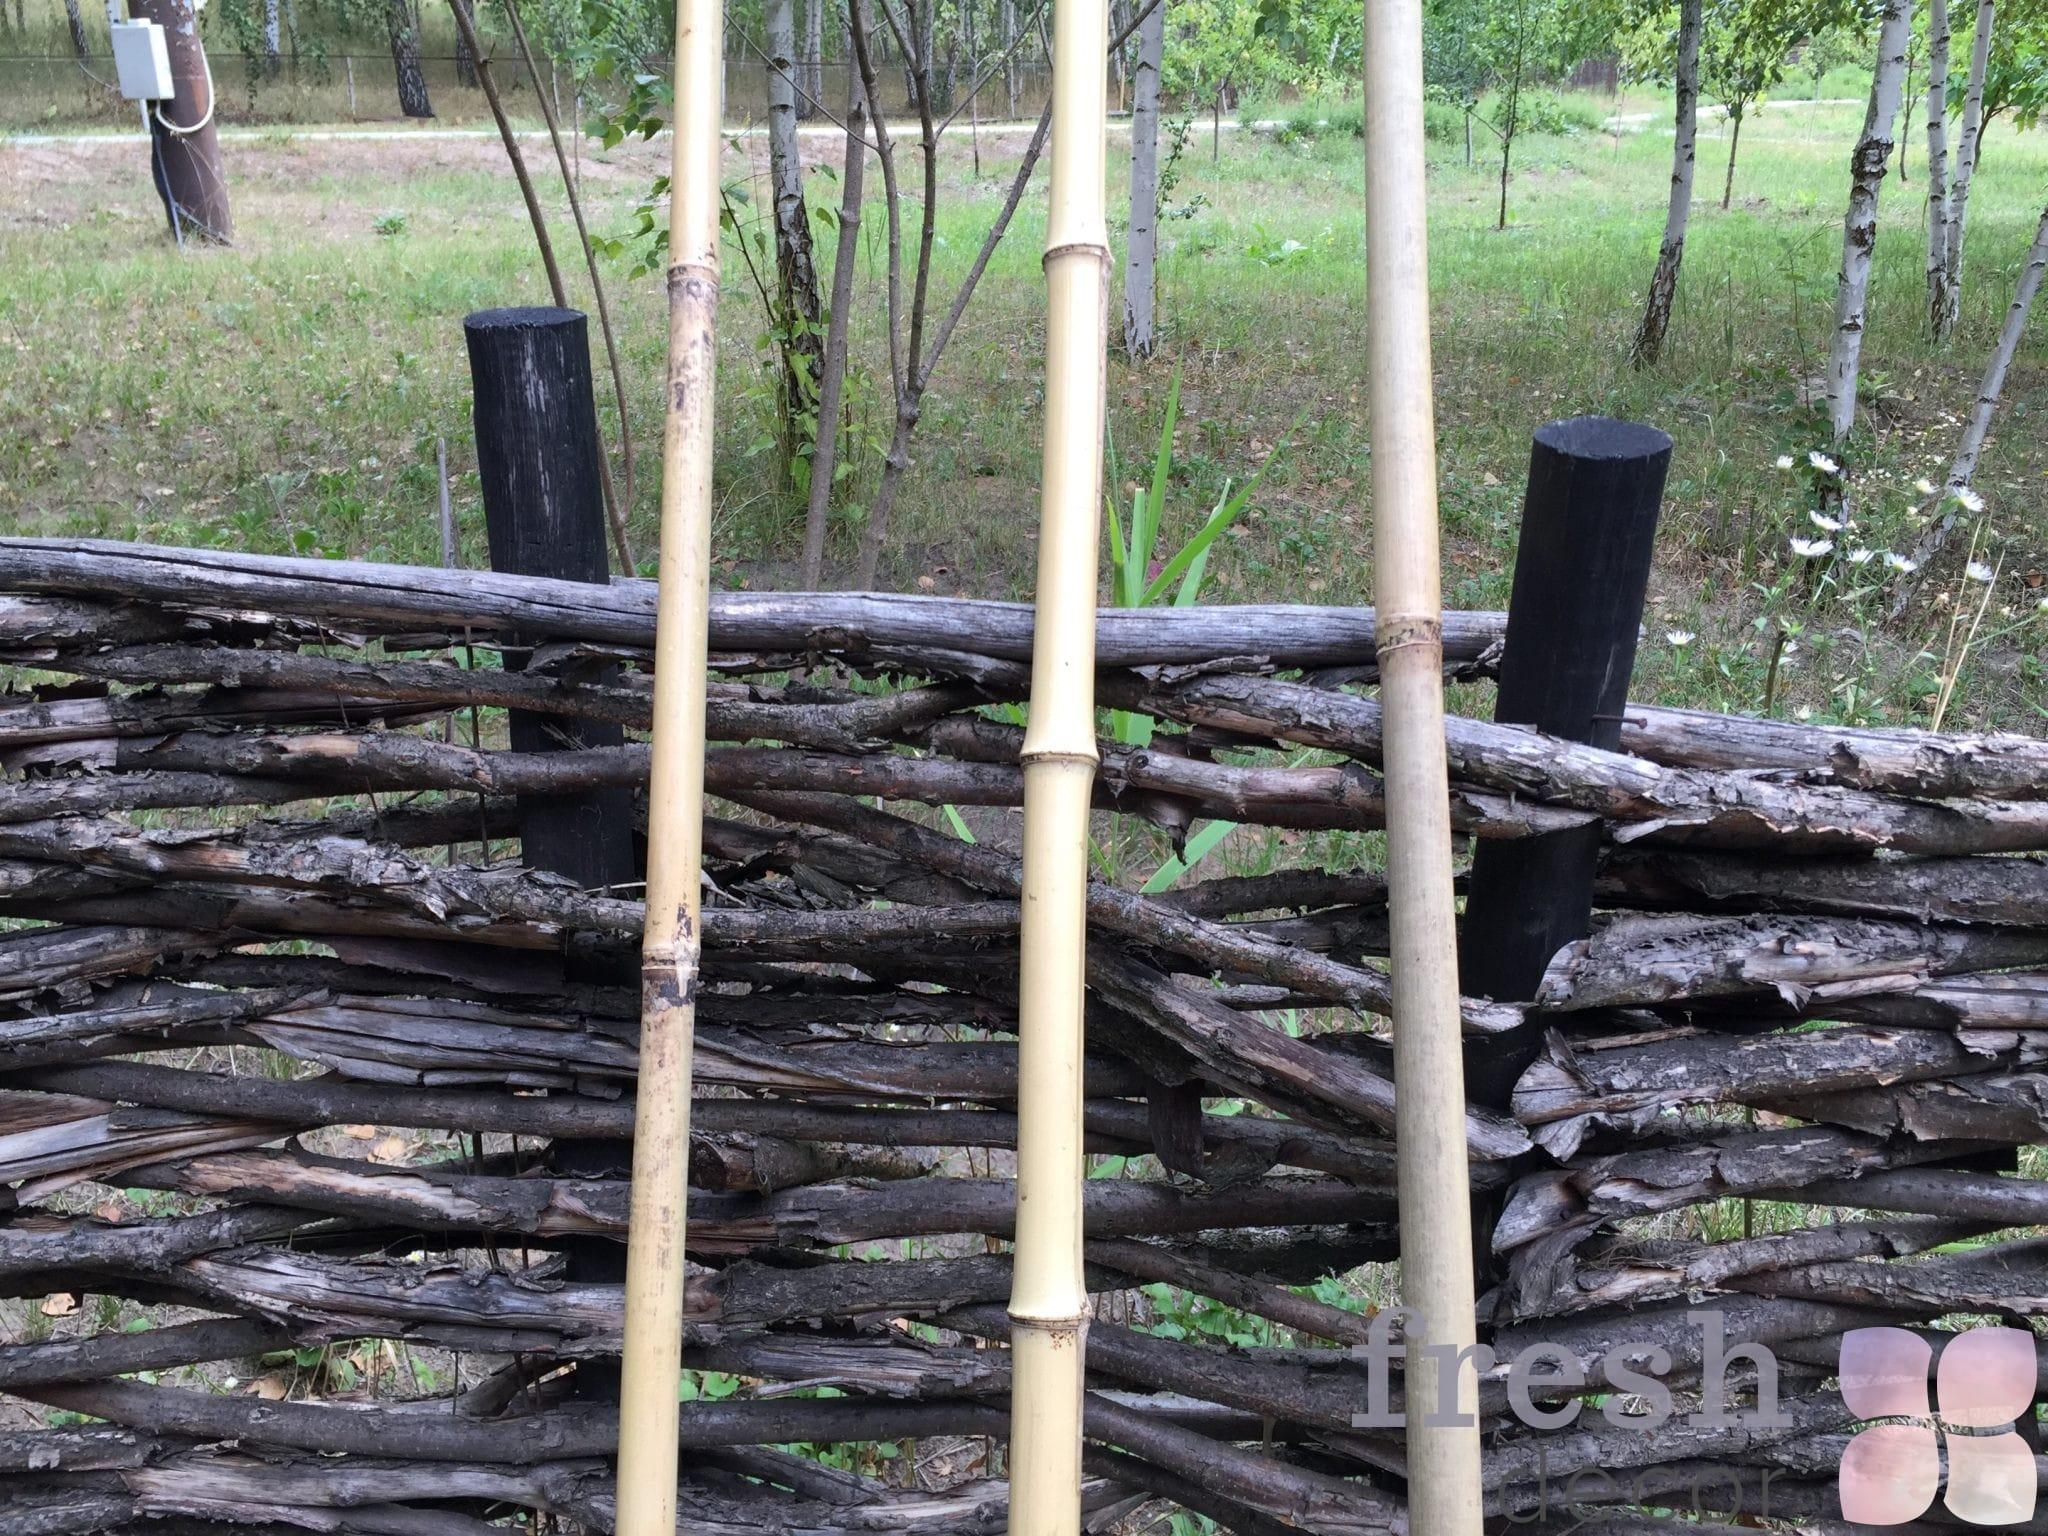 Бамбук в аренду в аренду в Харькове. Аренда бамбука 20fd3739fdc